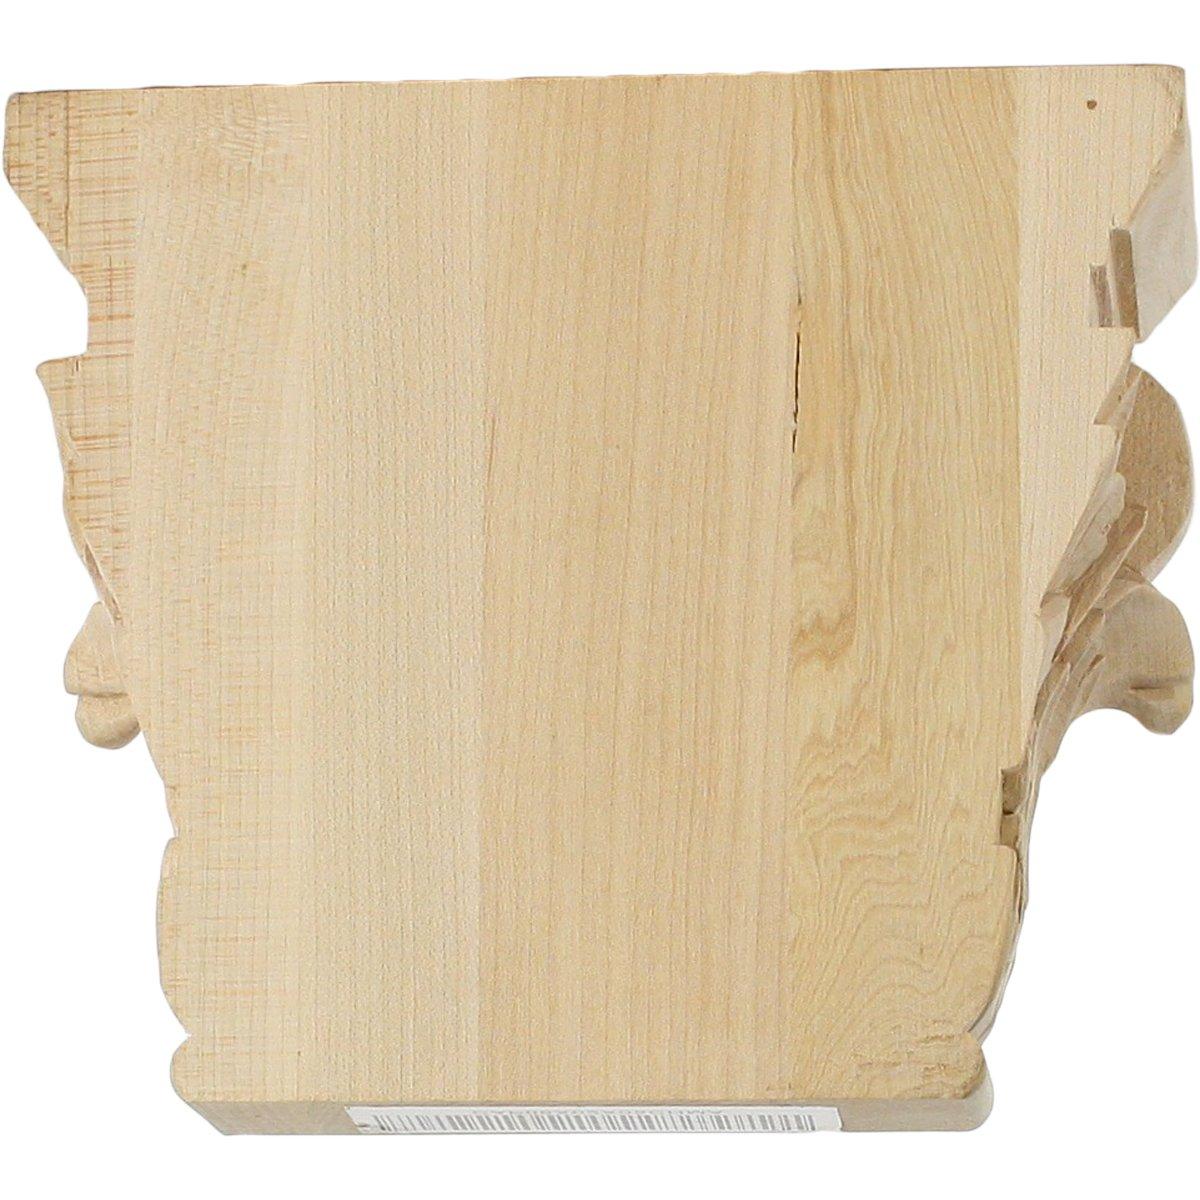 Ekena Millwork CAP06X02X05CHLW-CASE-2 Capital 6 W x 4 3//8 BW x 2 D x 5 1//2 H Lindenwood 6 W x 4 3//8 BW x 2 D x 5 1//2 H